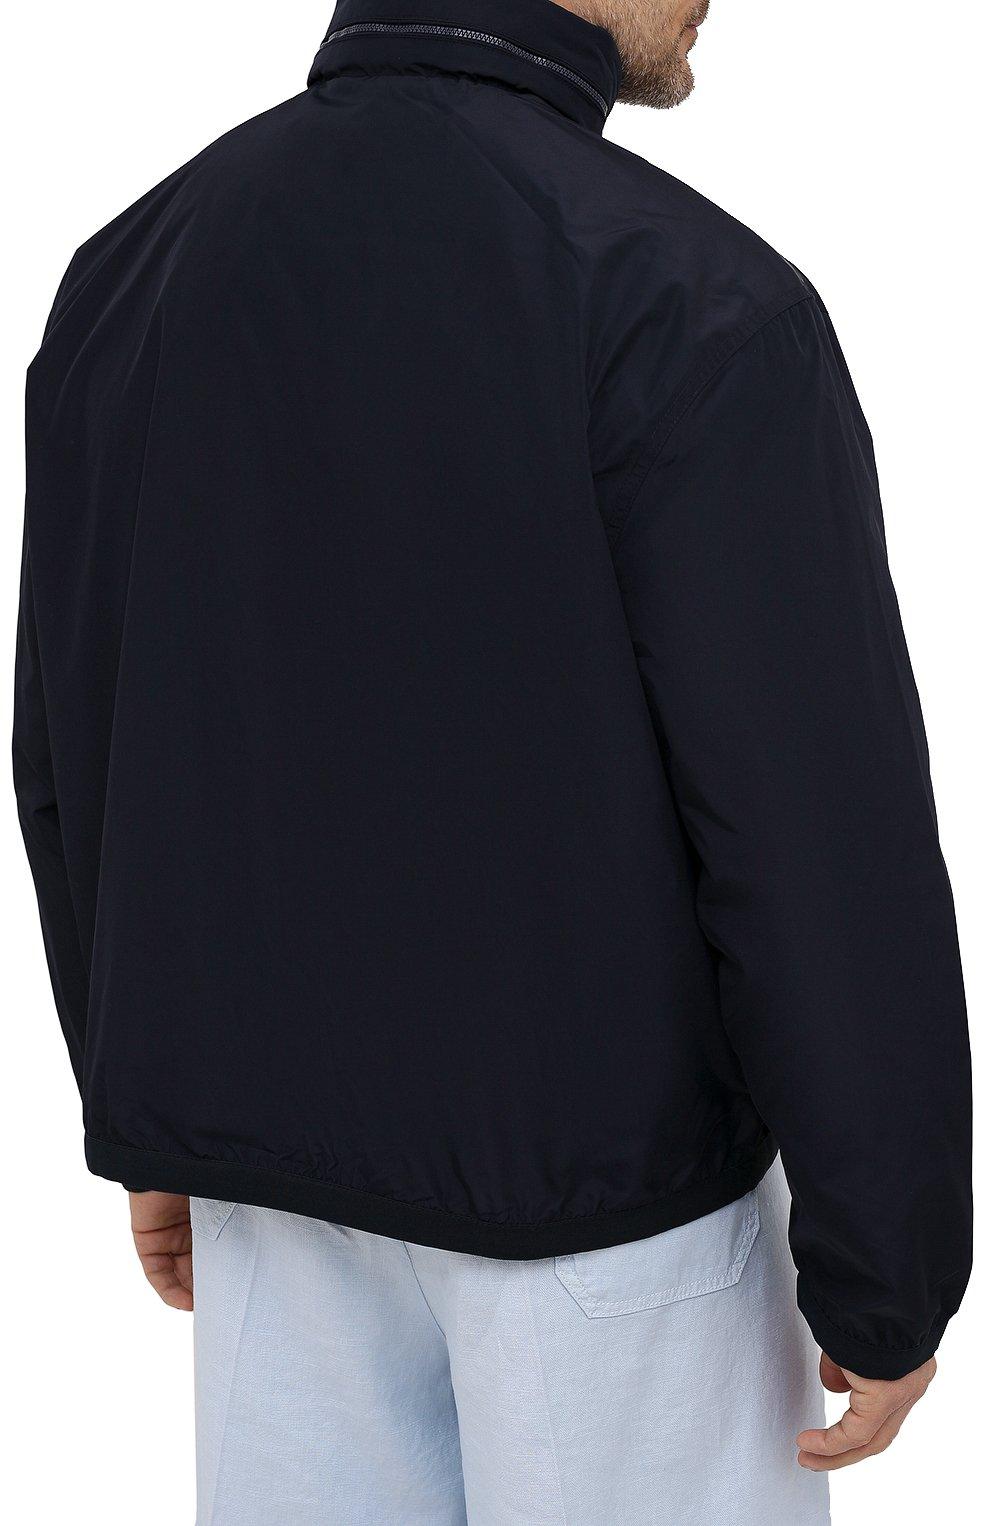 Мужской бомбер POLO RALPH LAUREN темно-синего цвета, арт. 711777217/PRL BS | Фото 4 (Кросс-КТ: Куртка; Big sizes: Big Sizes; Рукава: Длинные; Принт: Без принта; Материал внешний: Синтетический материал; Материал подклада: Синтетический материал; Длина (верхняя одежда): Короткие; Стили: Кэжуэл)